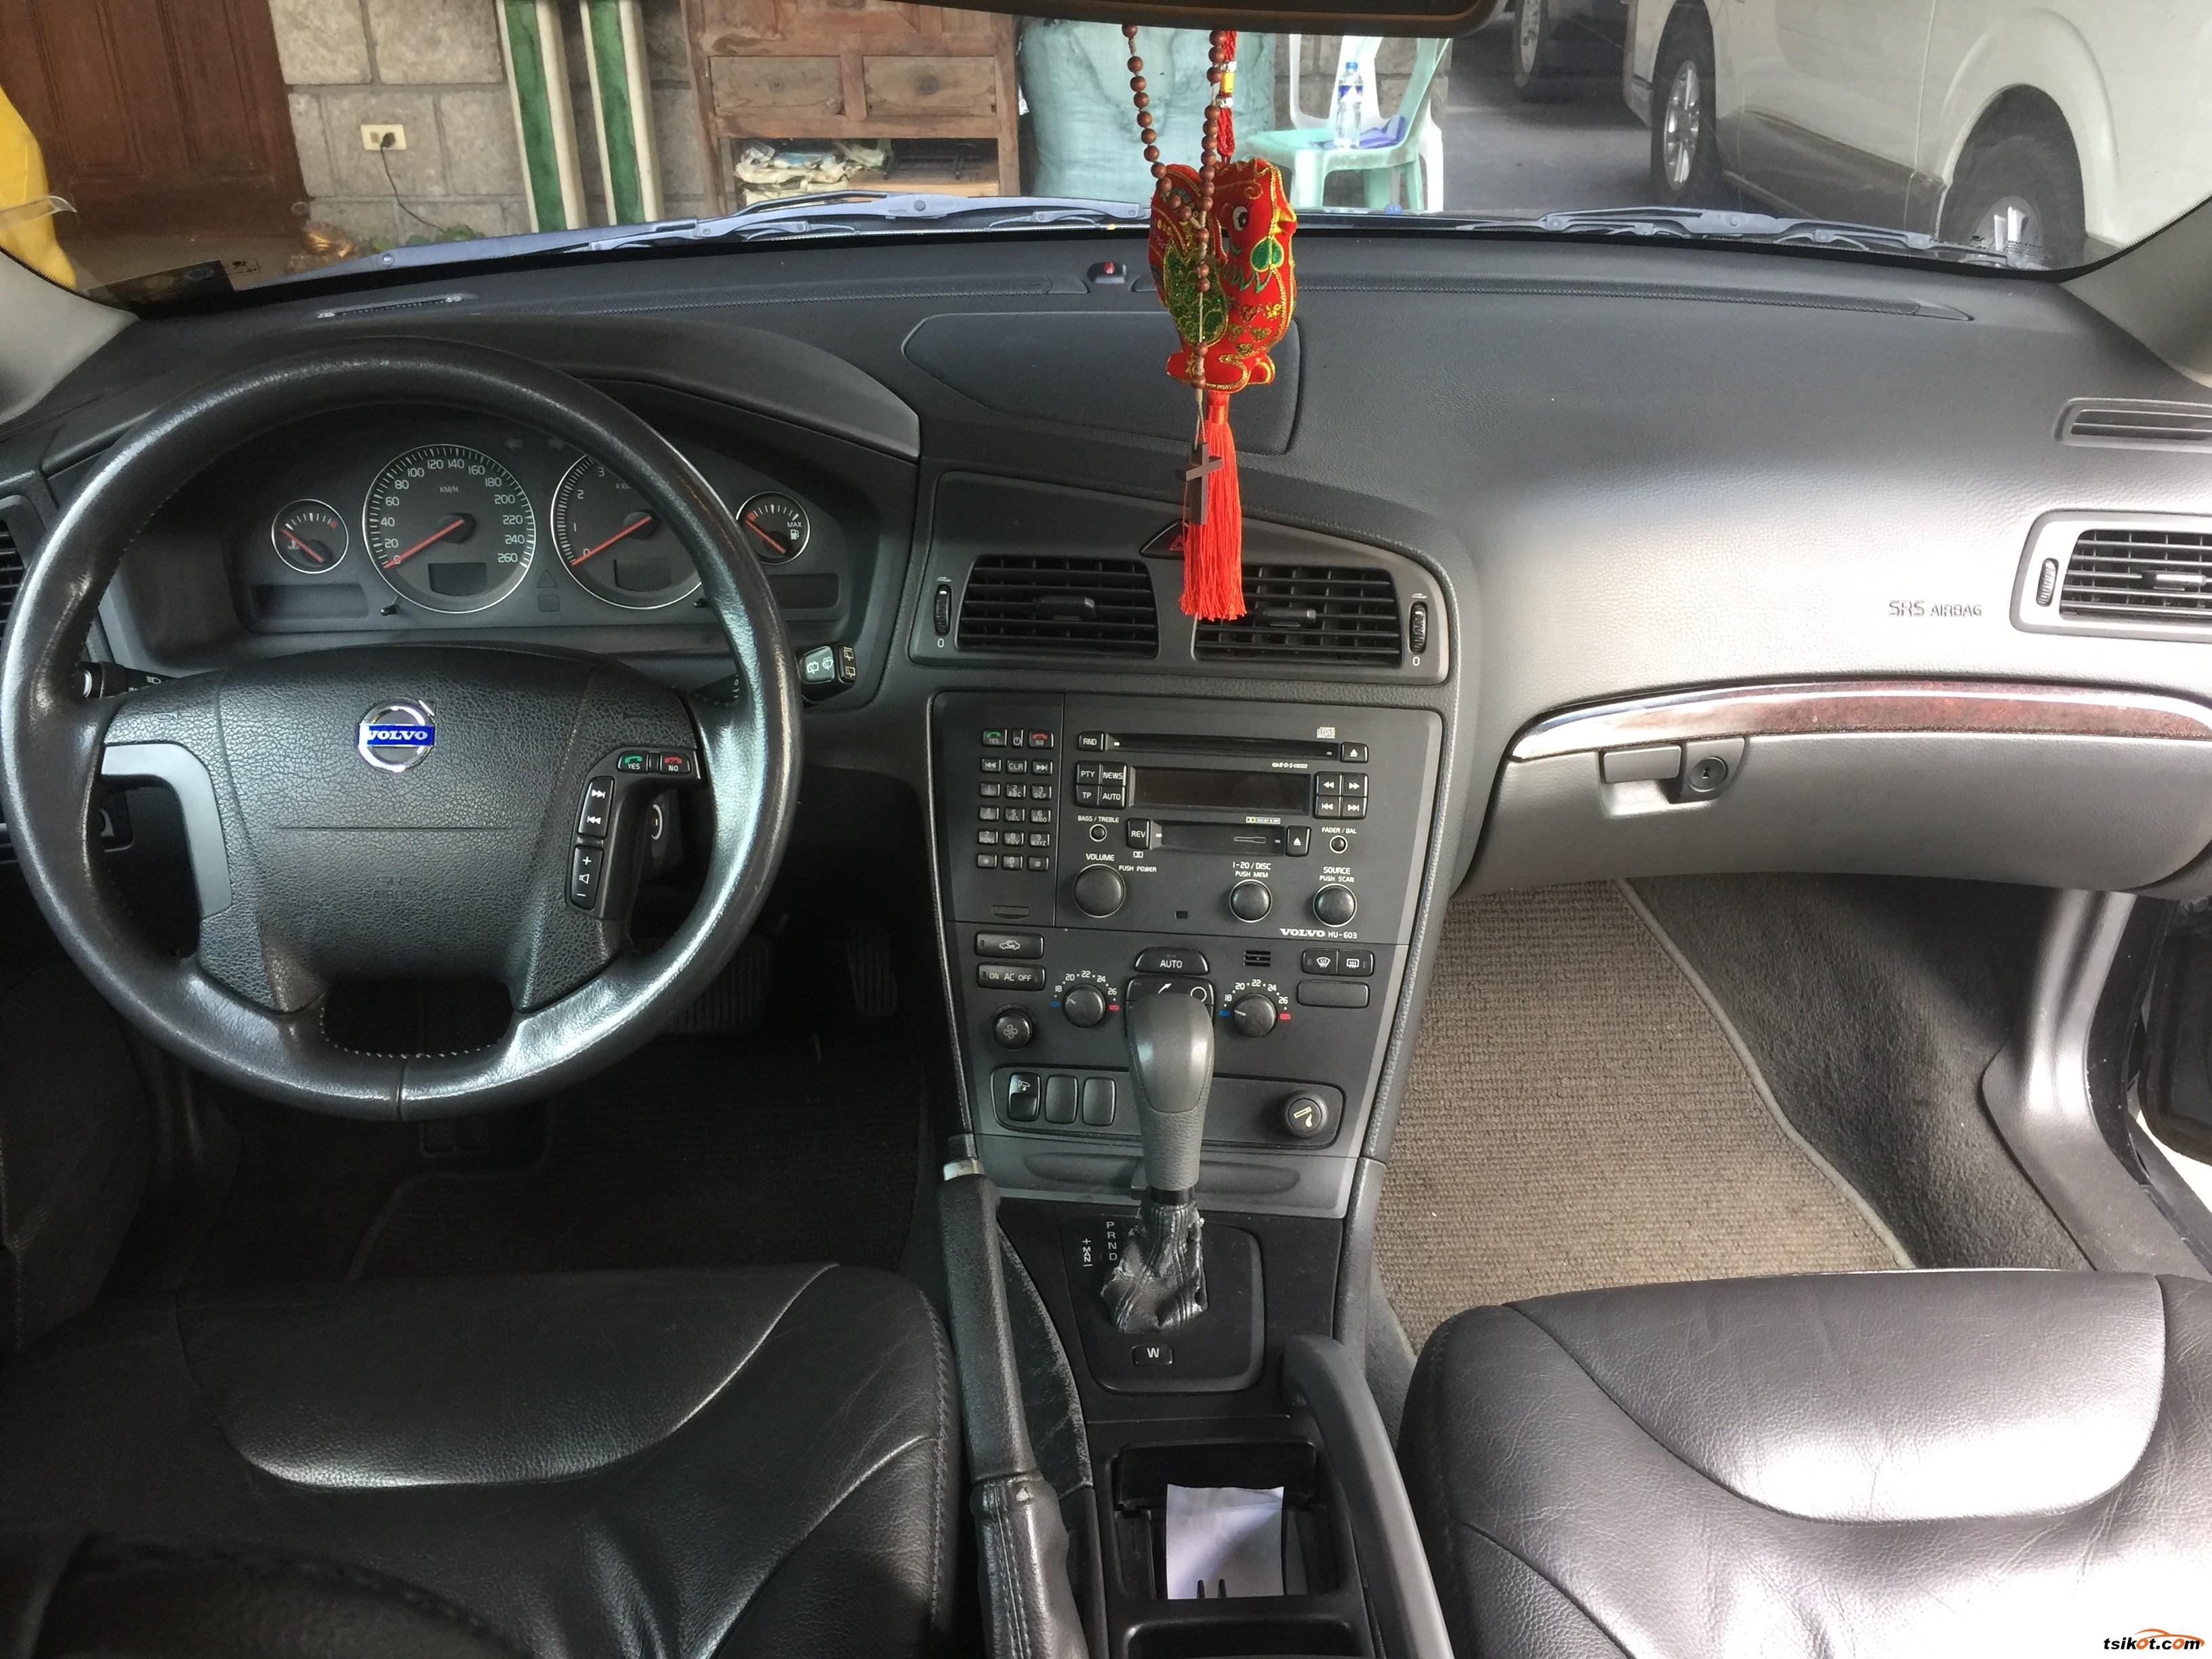 Volvo Xc70 2005 - 4